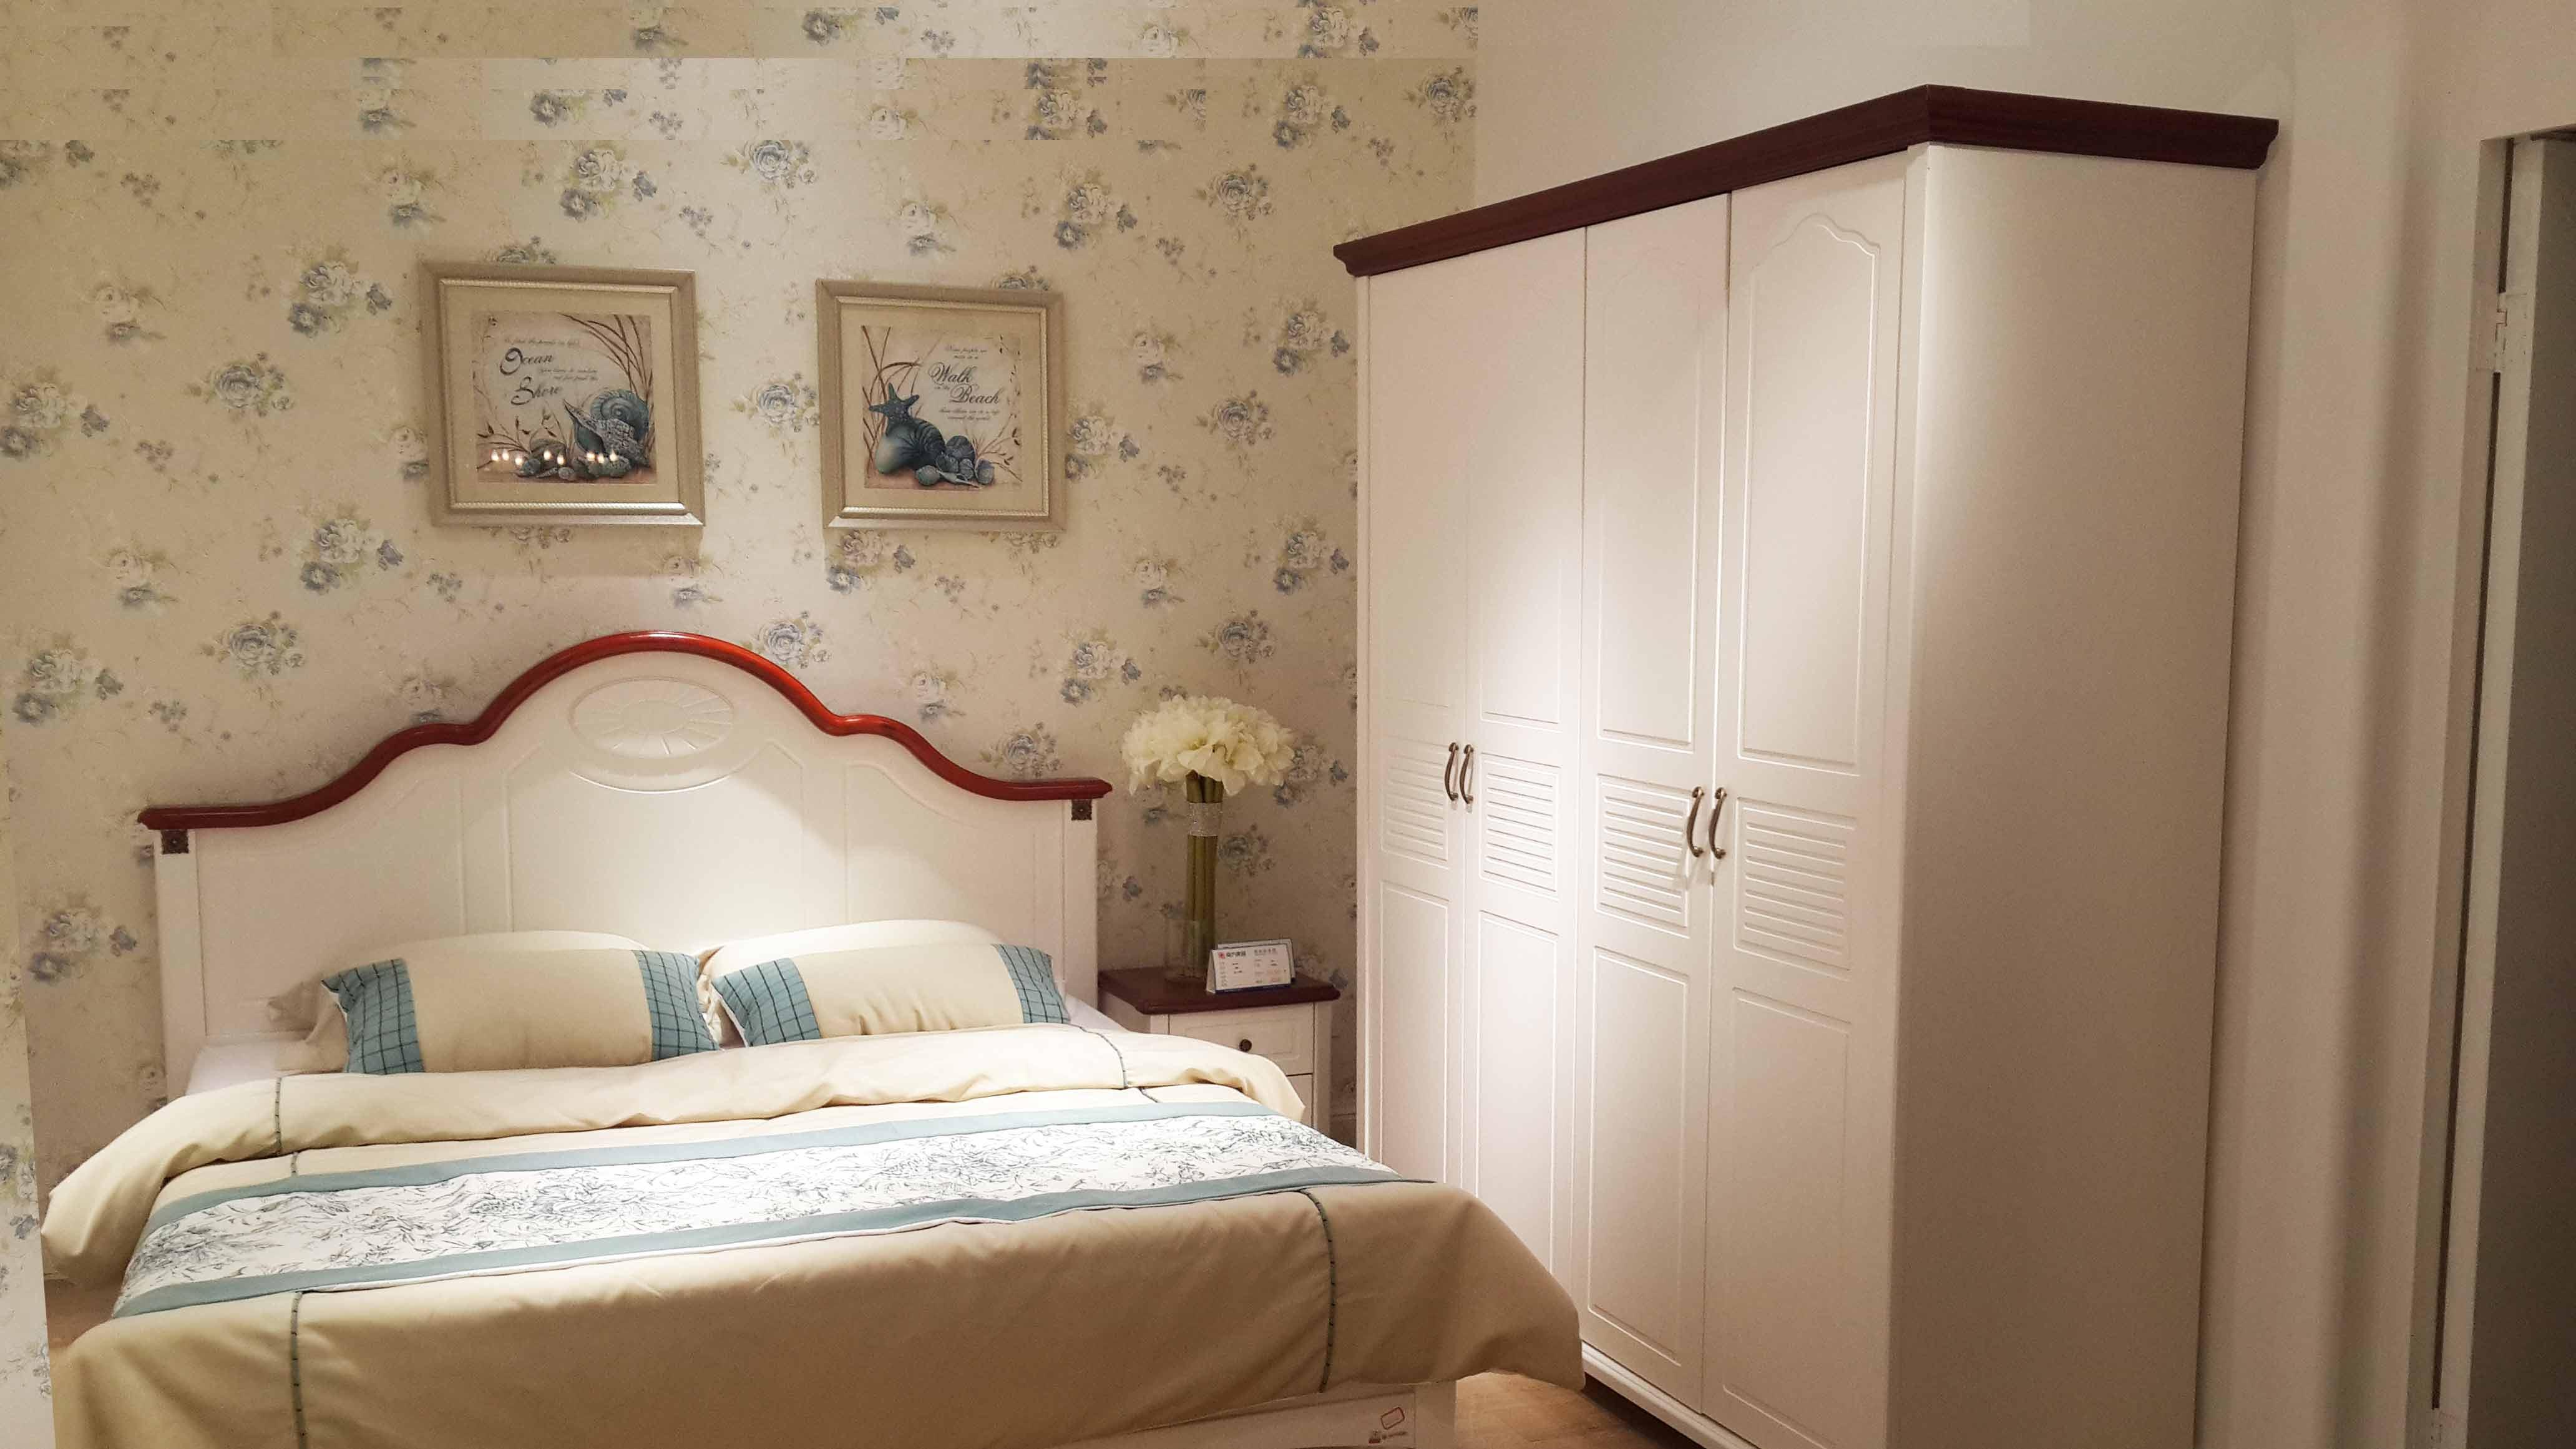 背景墙 房间 家居 起居室 设计 卧室 卧室装修 现代 装修 4128_2322